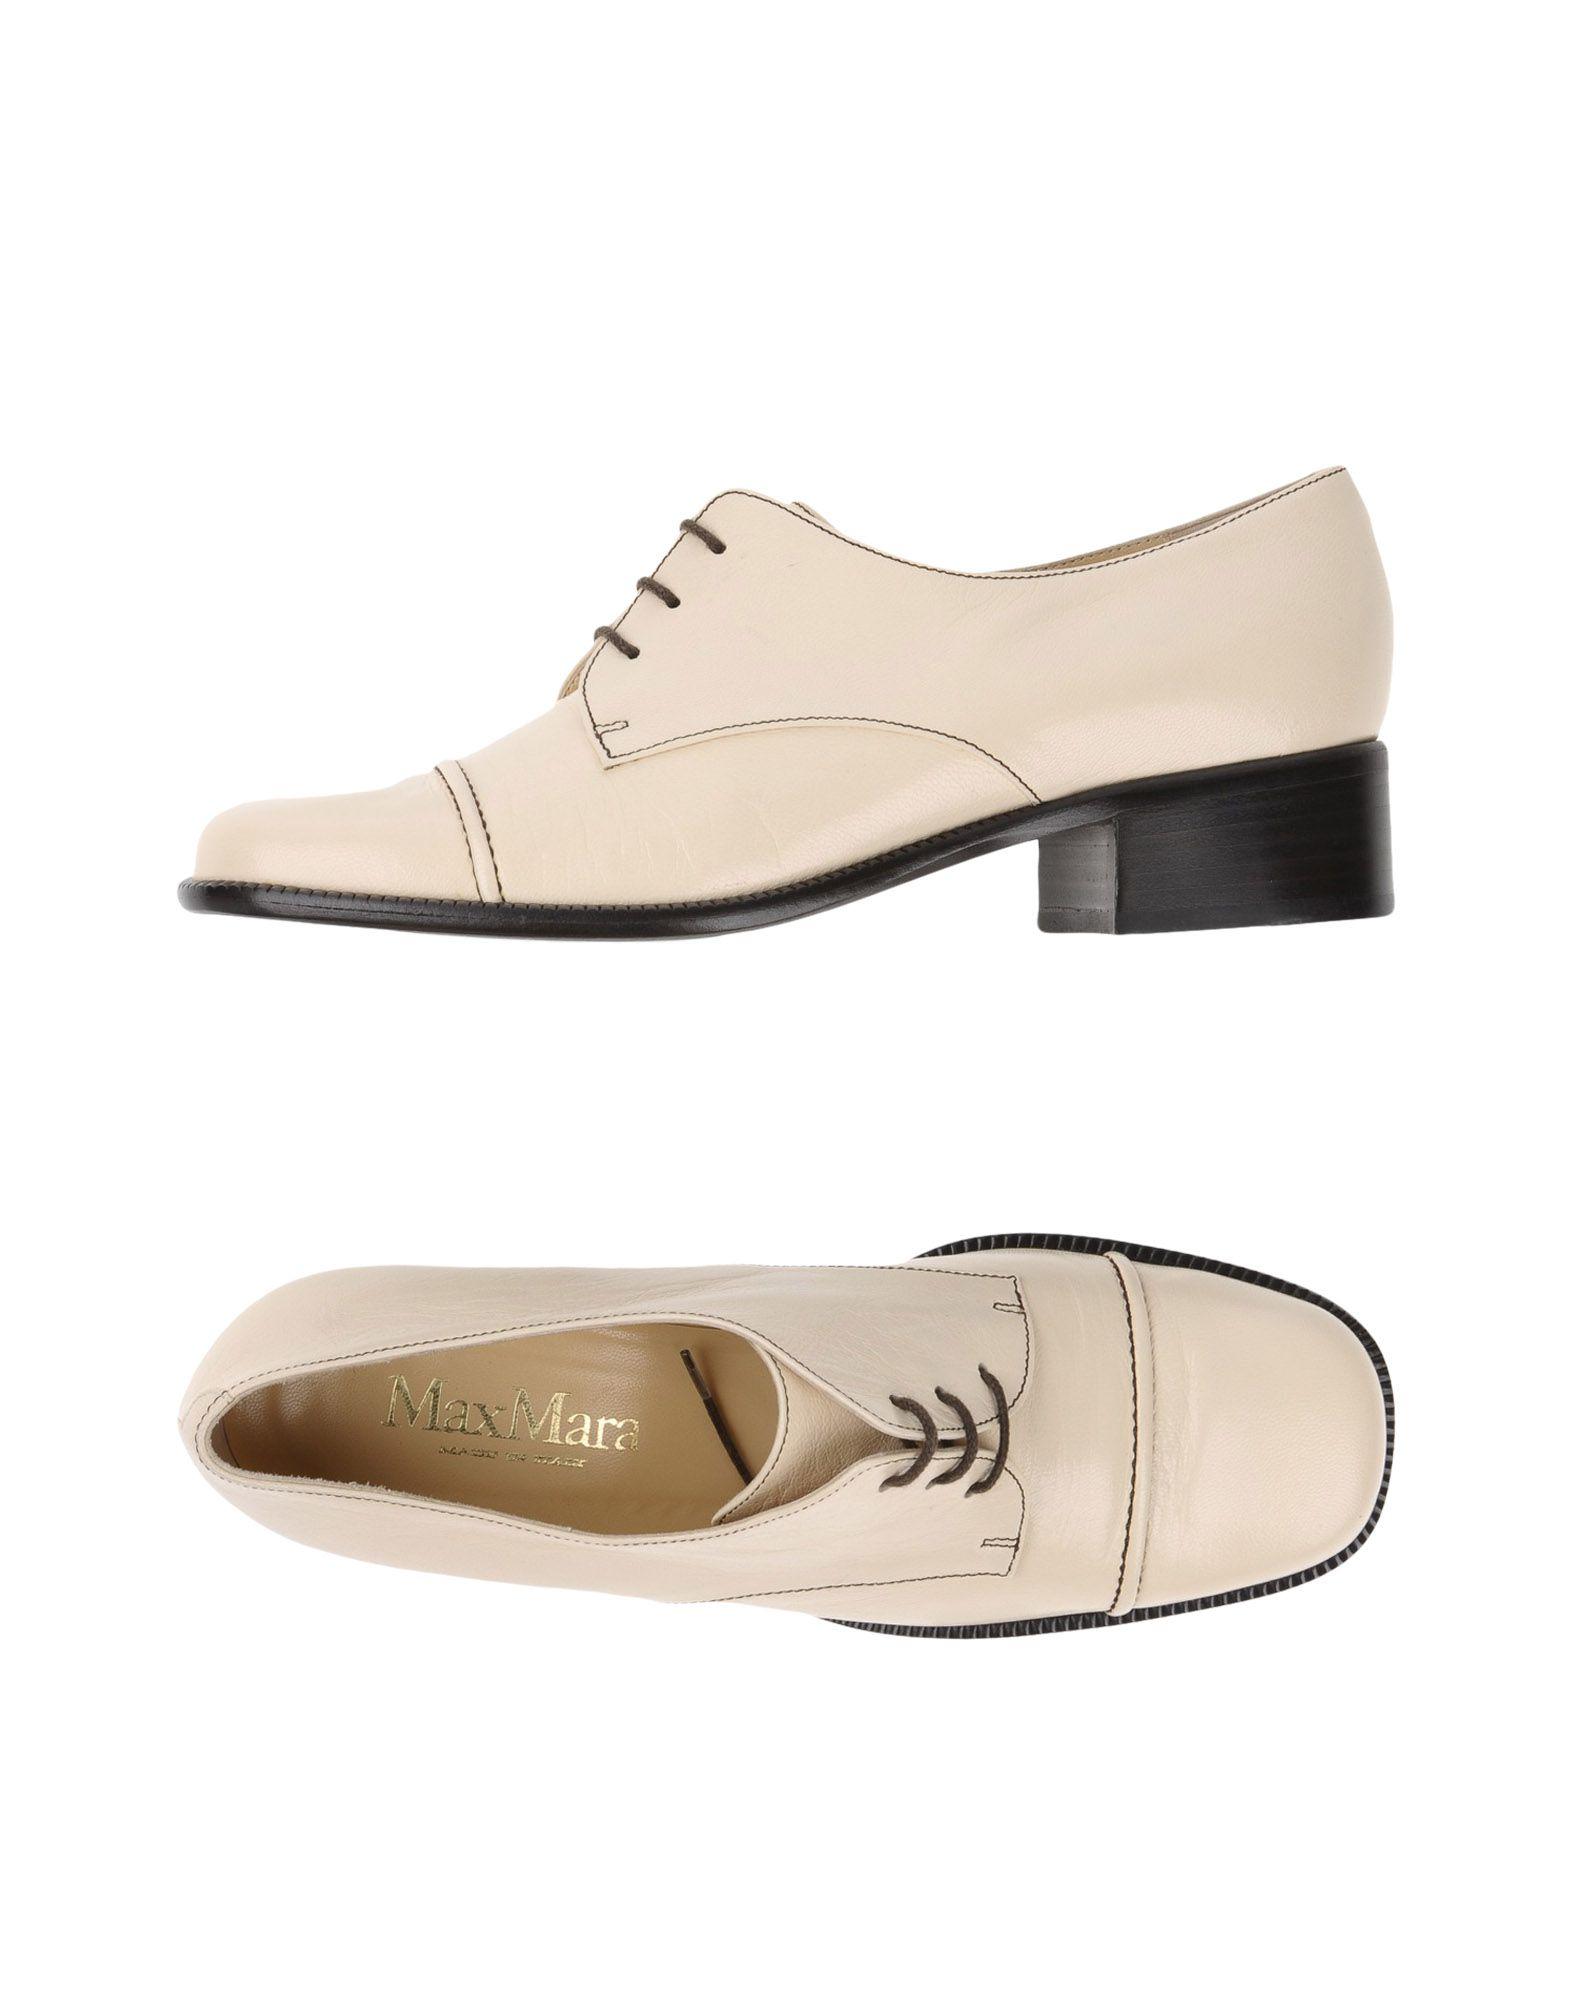 Chaussures À Lacets Max Mara Femme - Chaussures À Lacets Max Mara sur